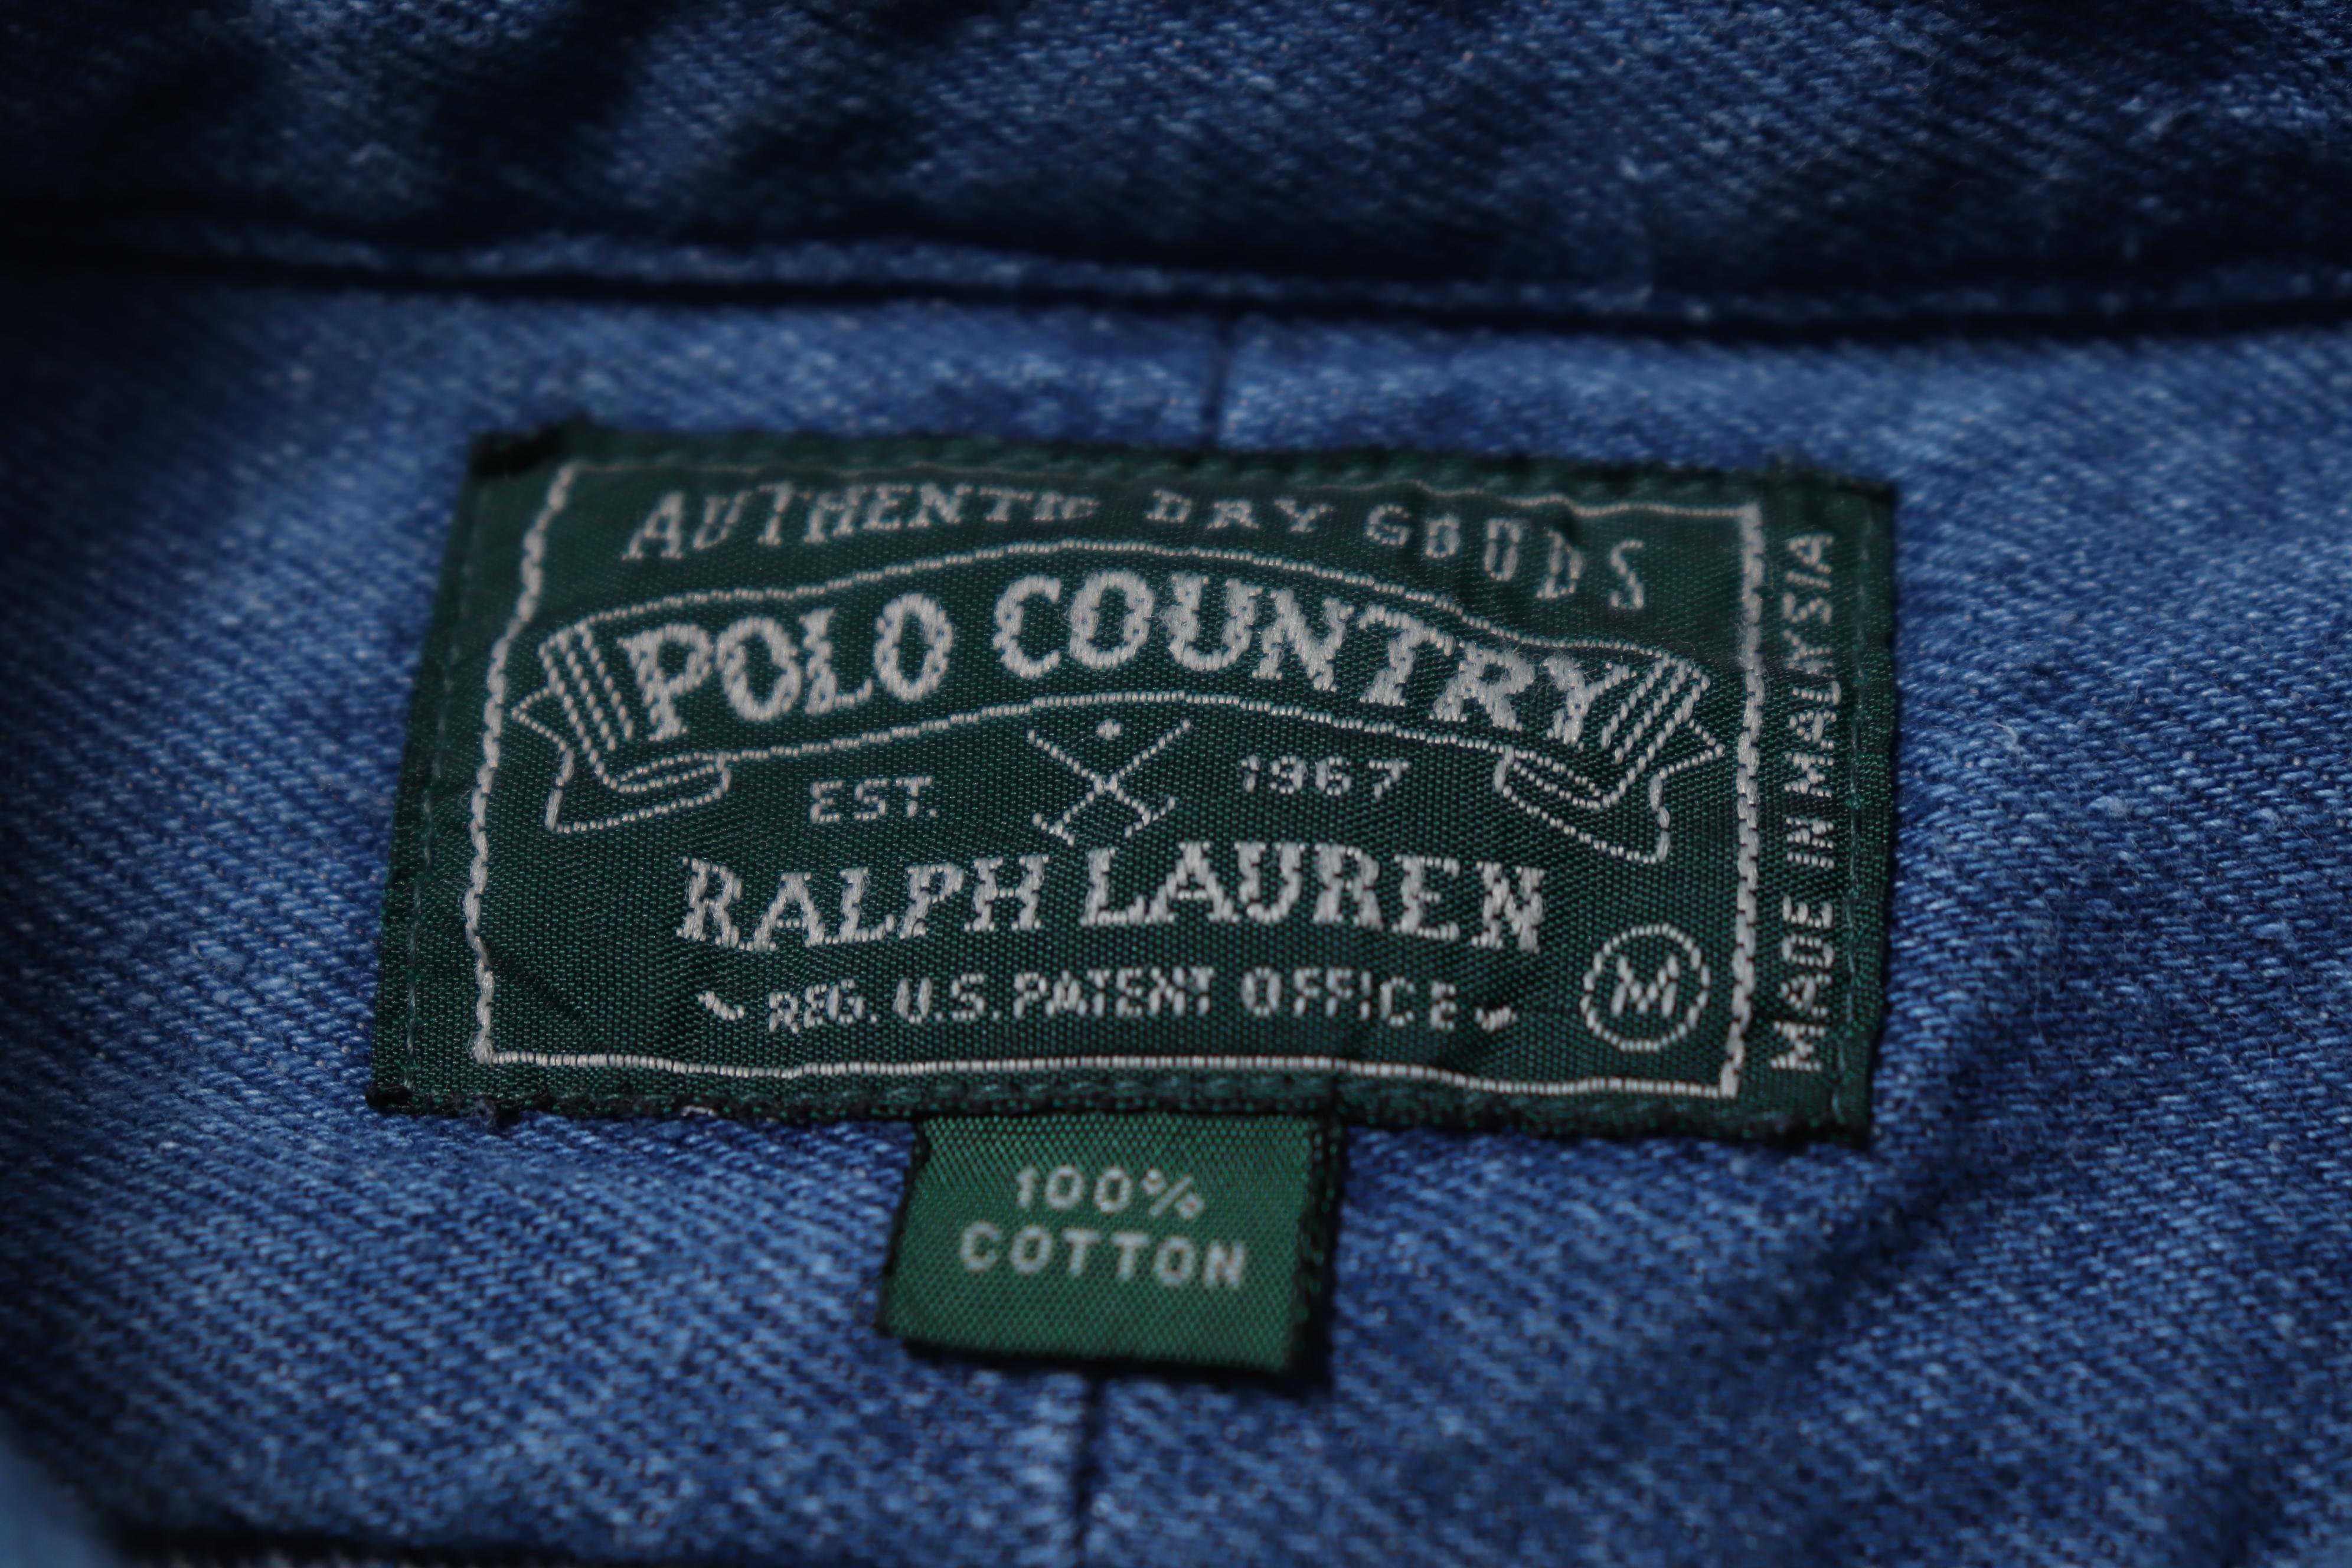 僅か4年のみ製造された名作【POLO COUNTRY】。当時のデッドストック!!